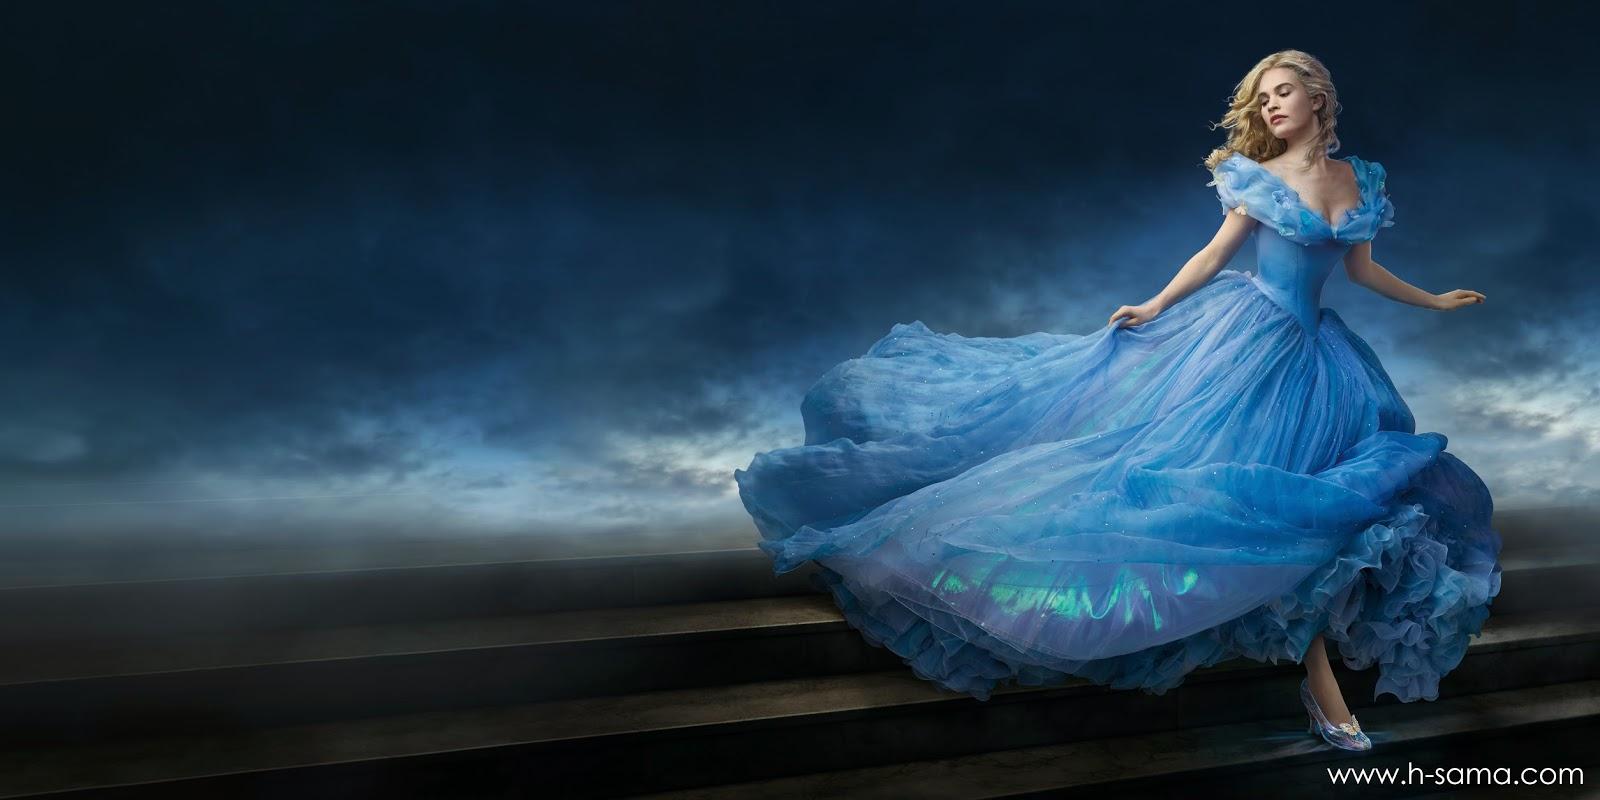 hsamablog como fazer vestido cinderella filme 2015 ball dress